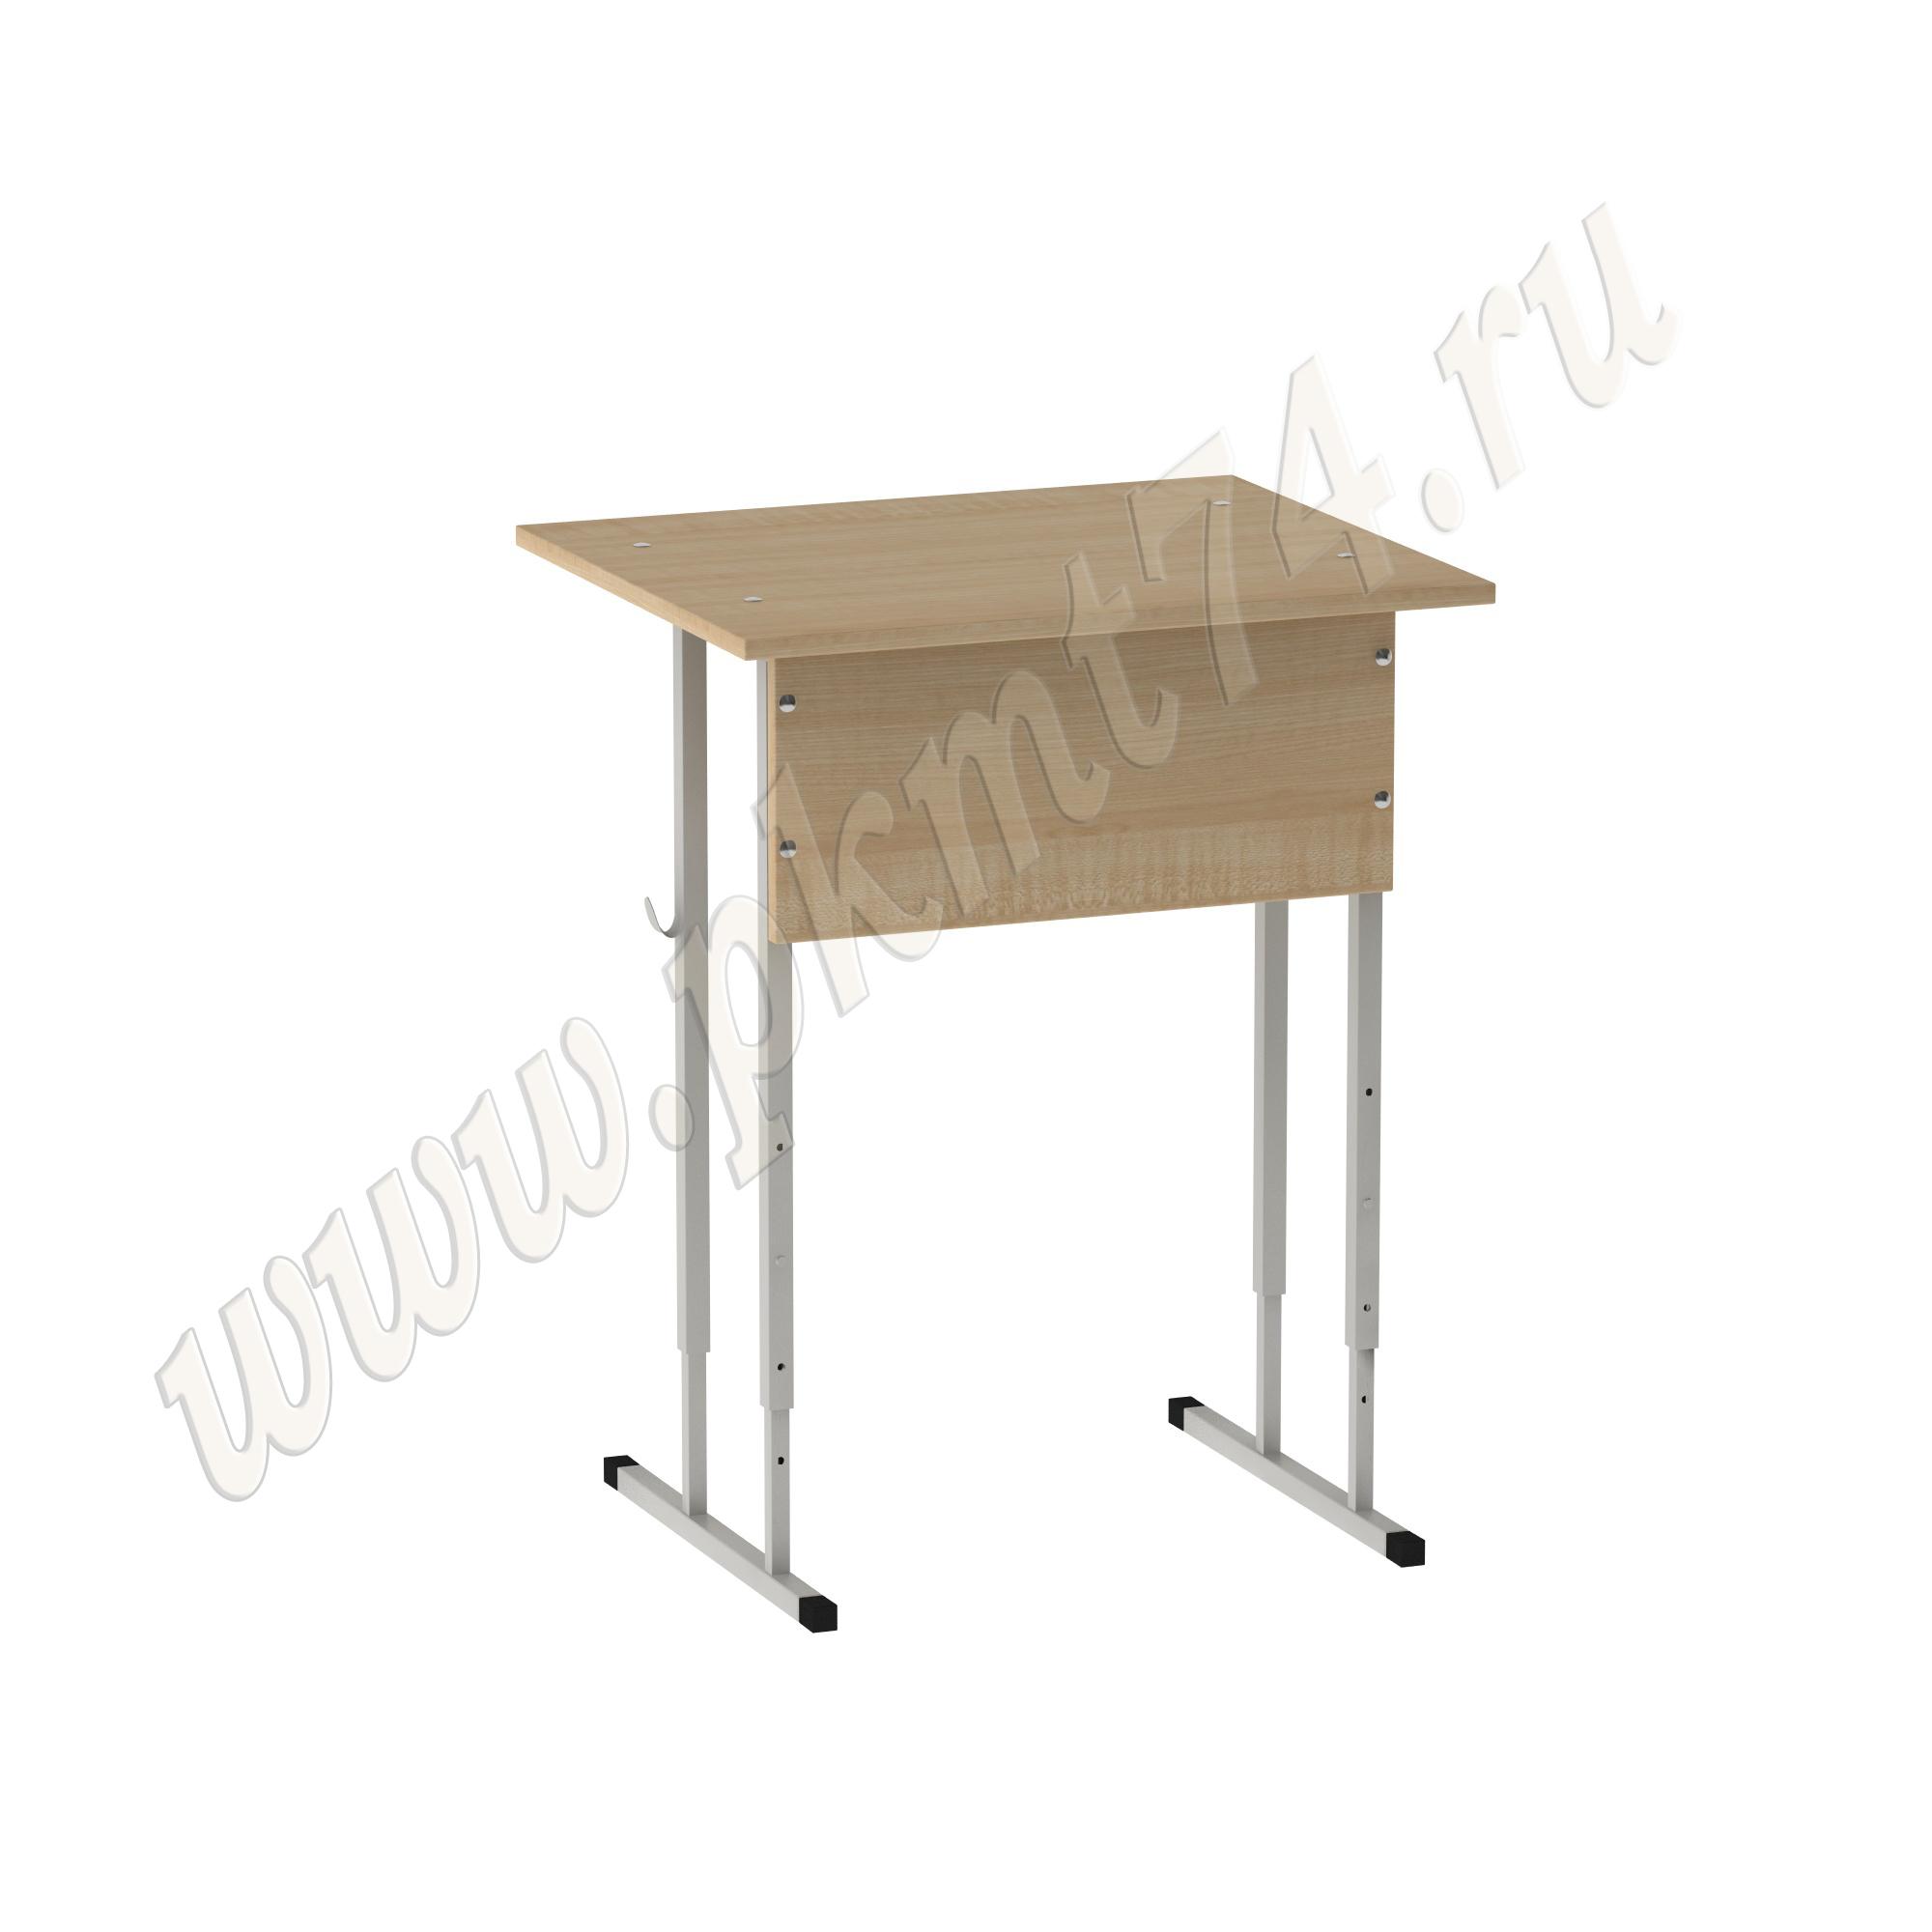 Стол регулируемый одноместный [Цвет ЛДСП:: Клён]